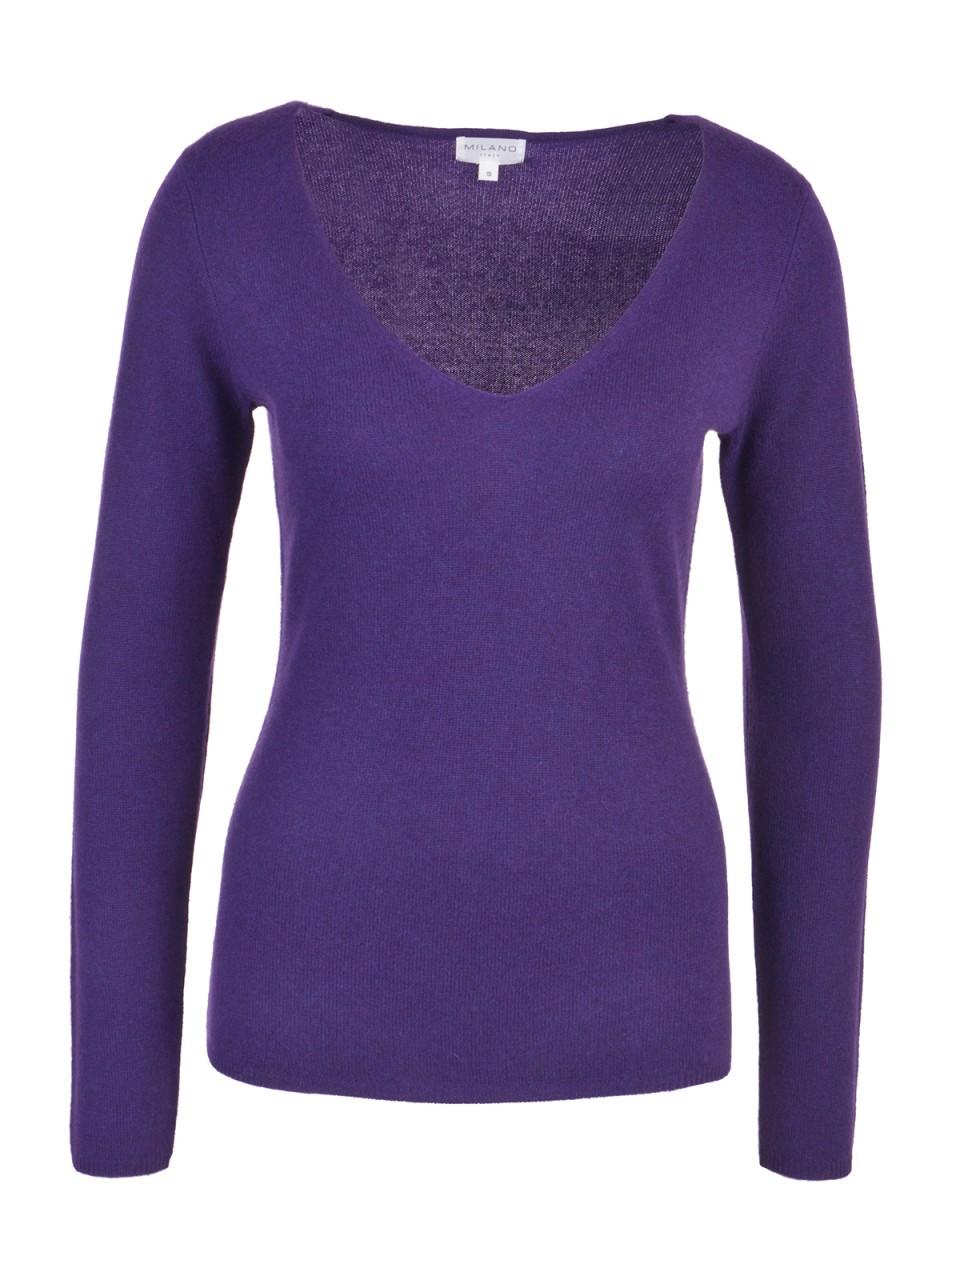 milano-italy-damen-kaschmir-pullover-lila